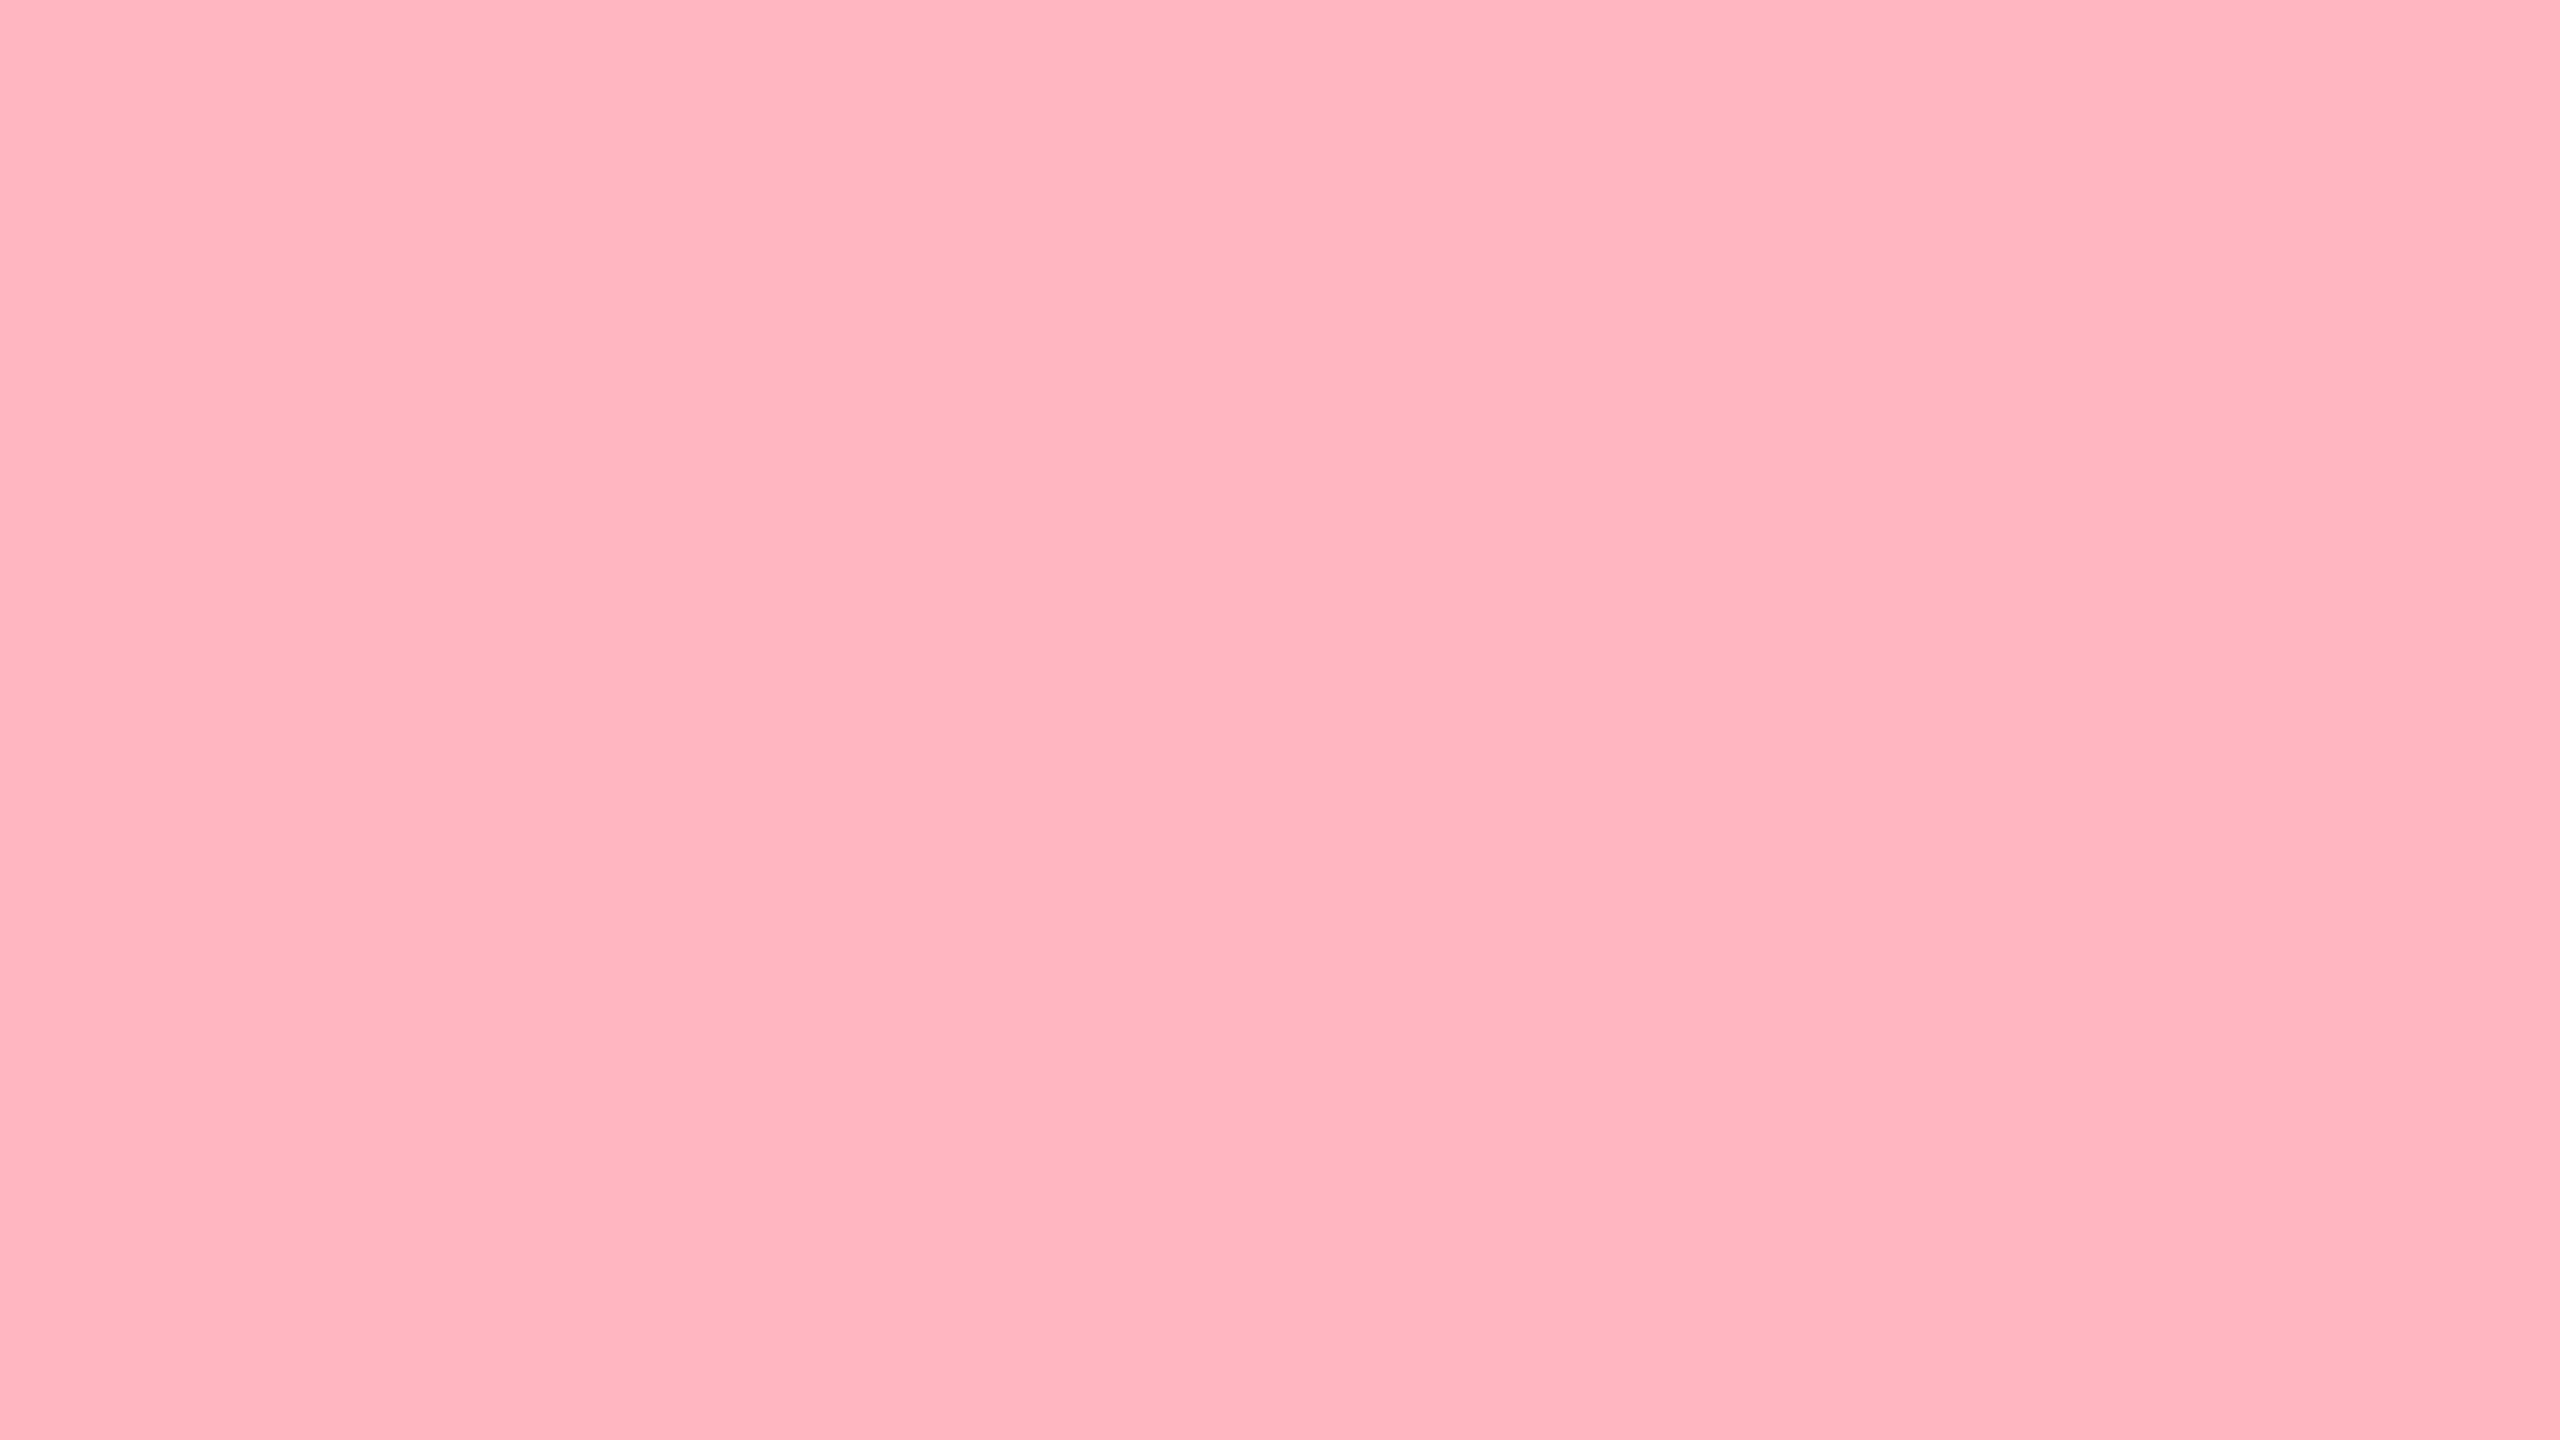 light pink wallpaper desktop - photo #38